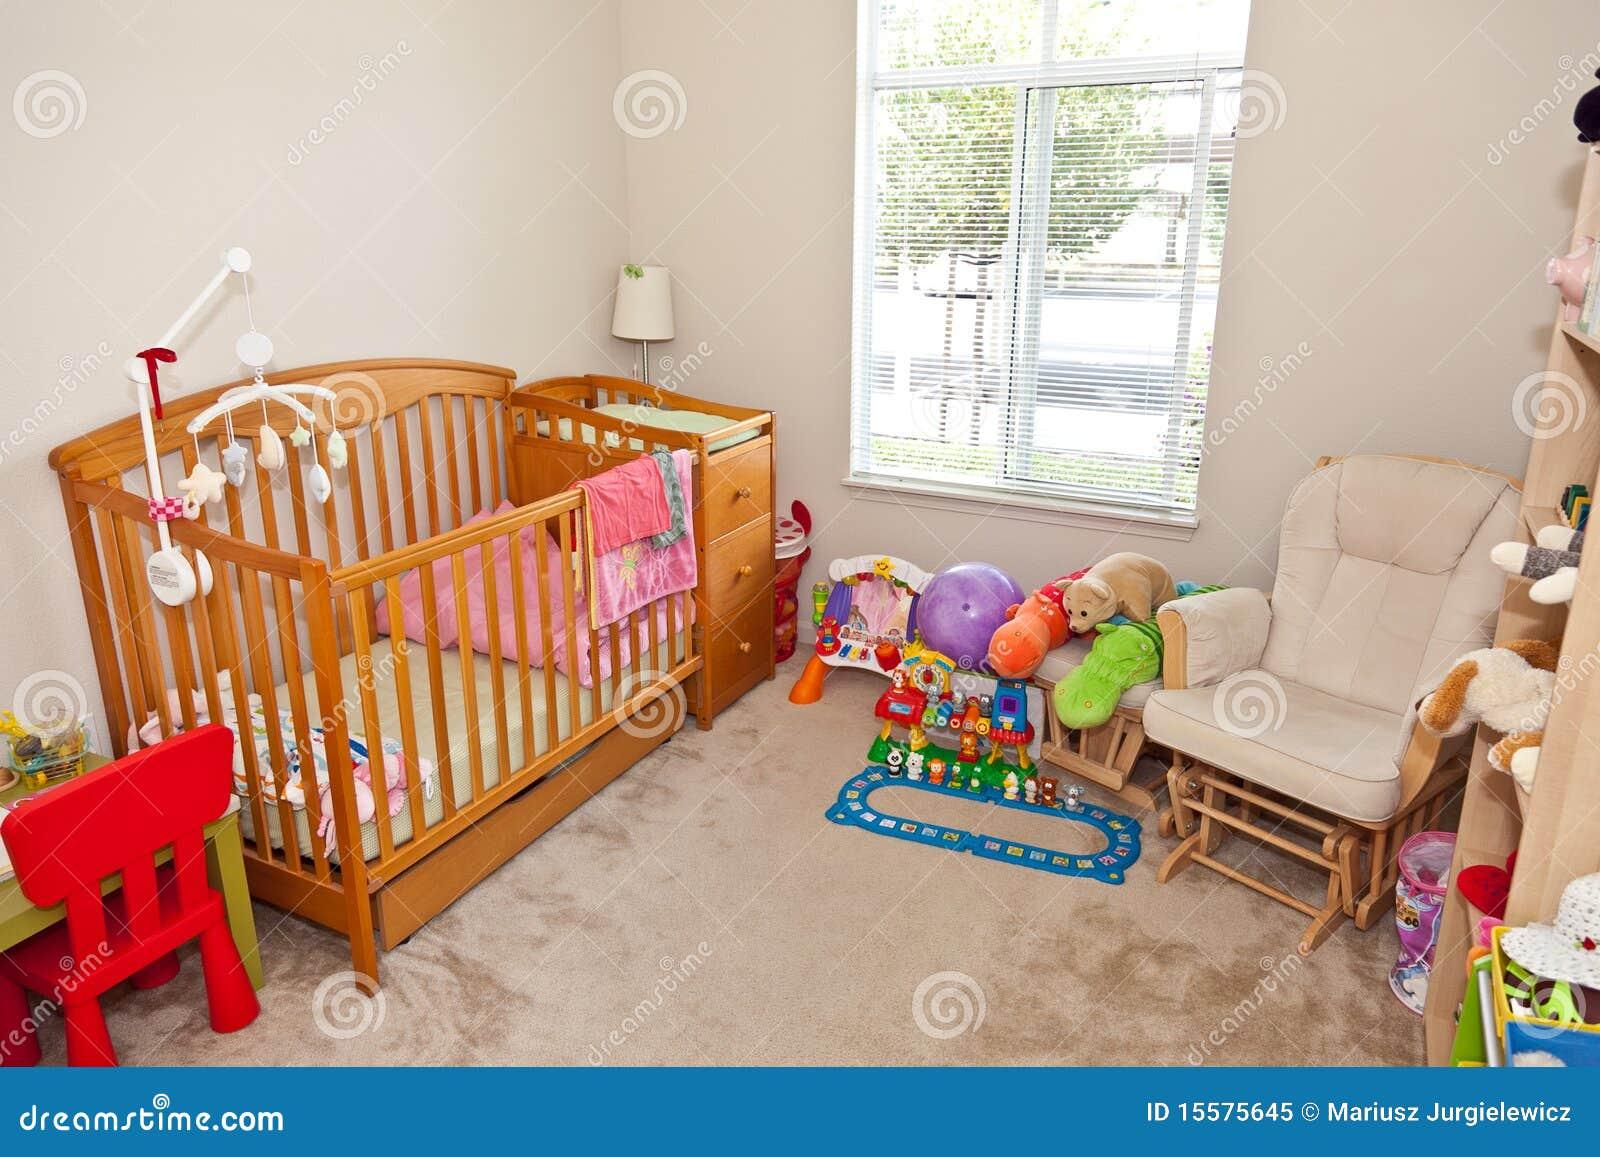 De slaapkamer van het kind royalty vrije stock foto afbeelding 15575645 - Baby meisje slaapkamer foto ...